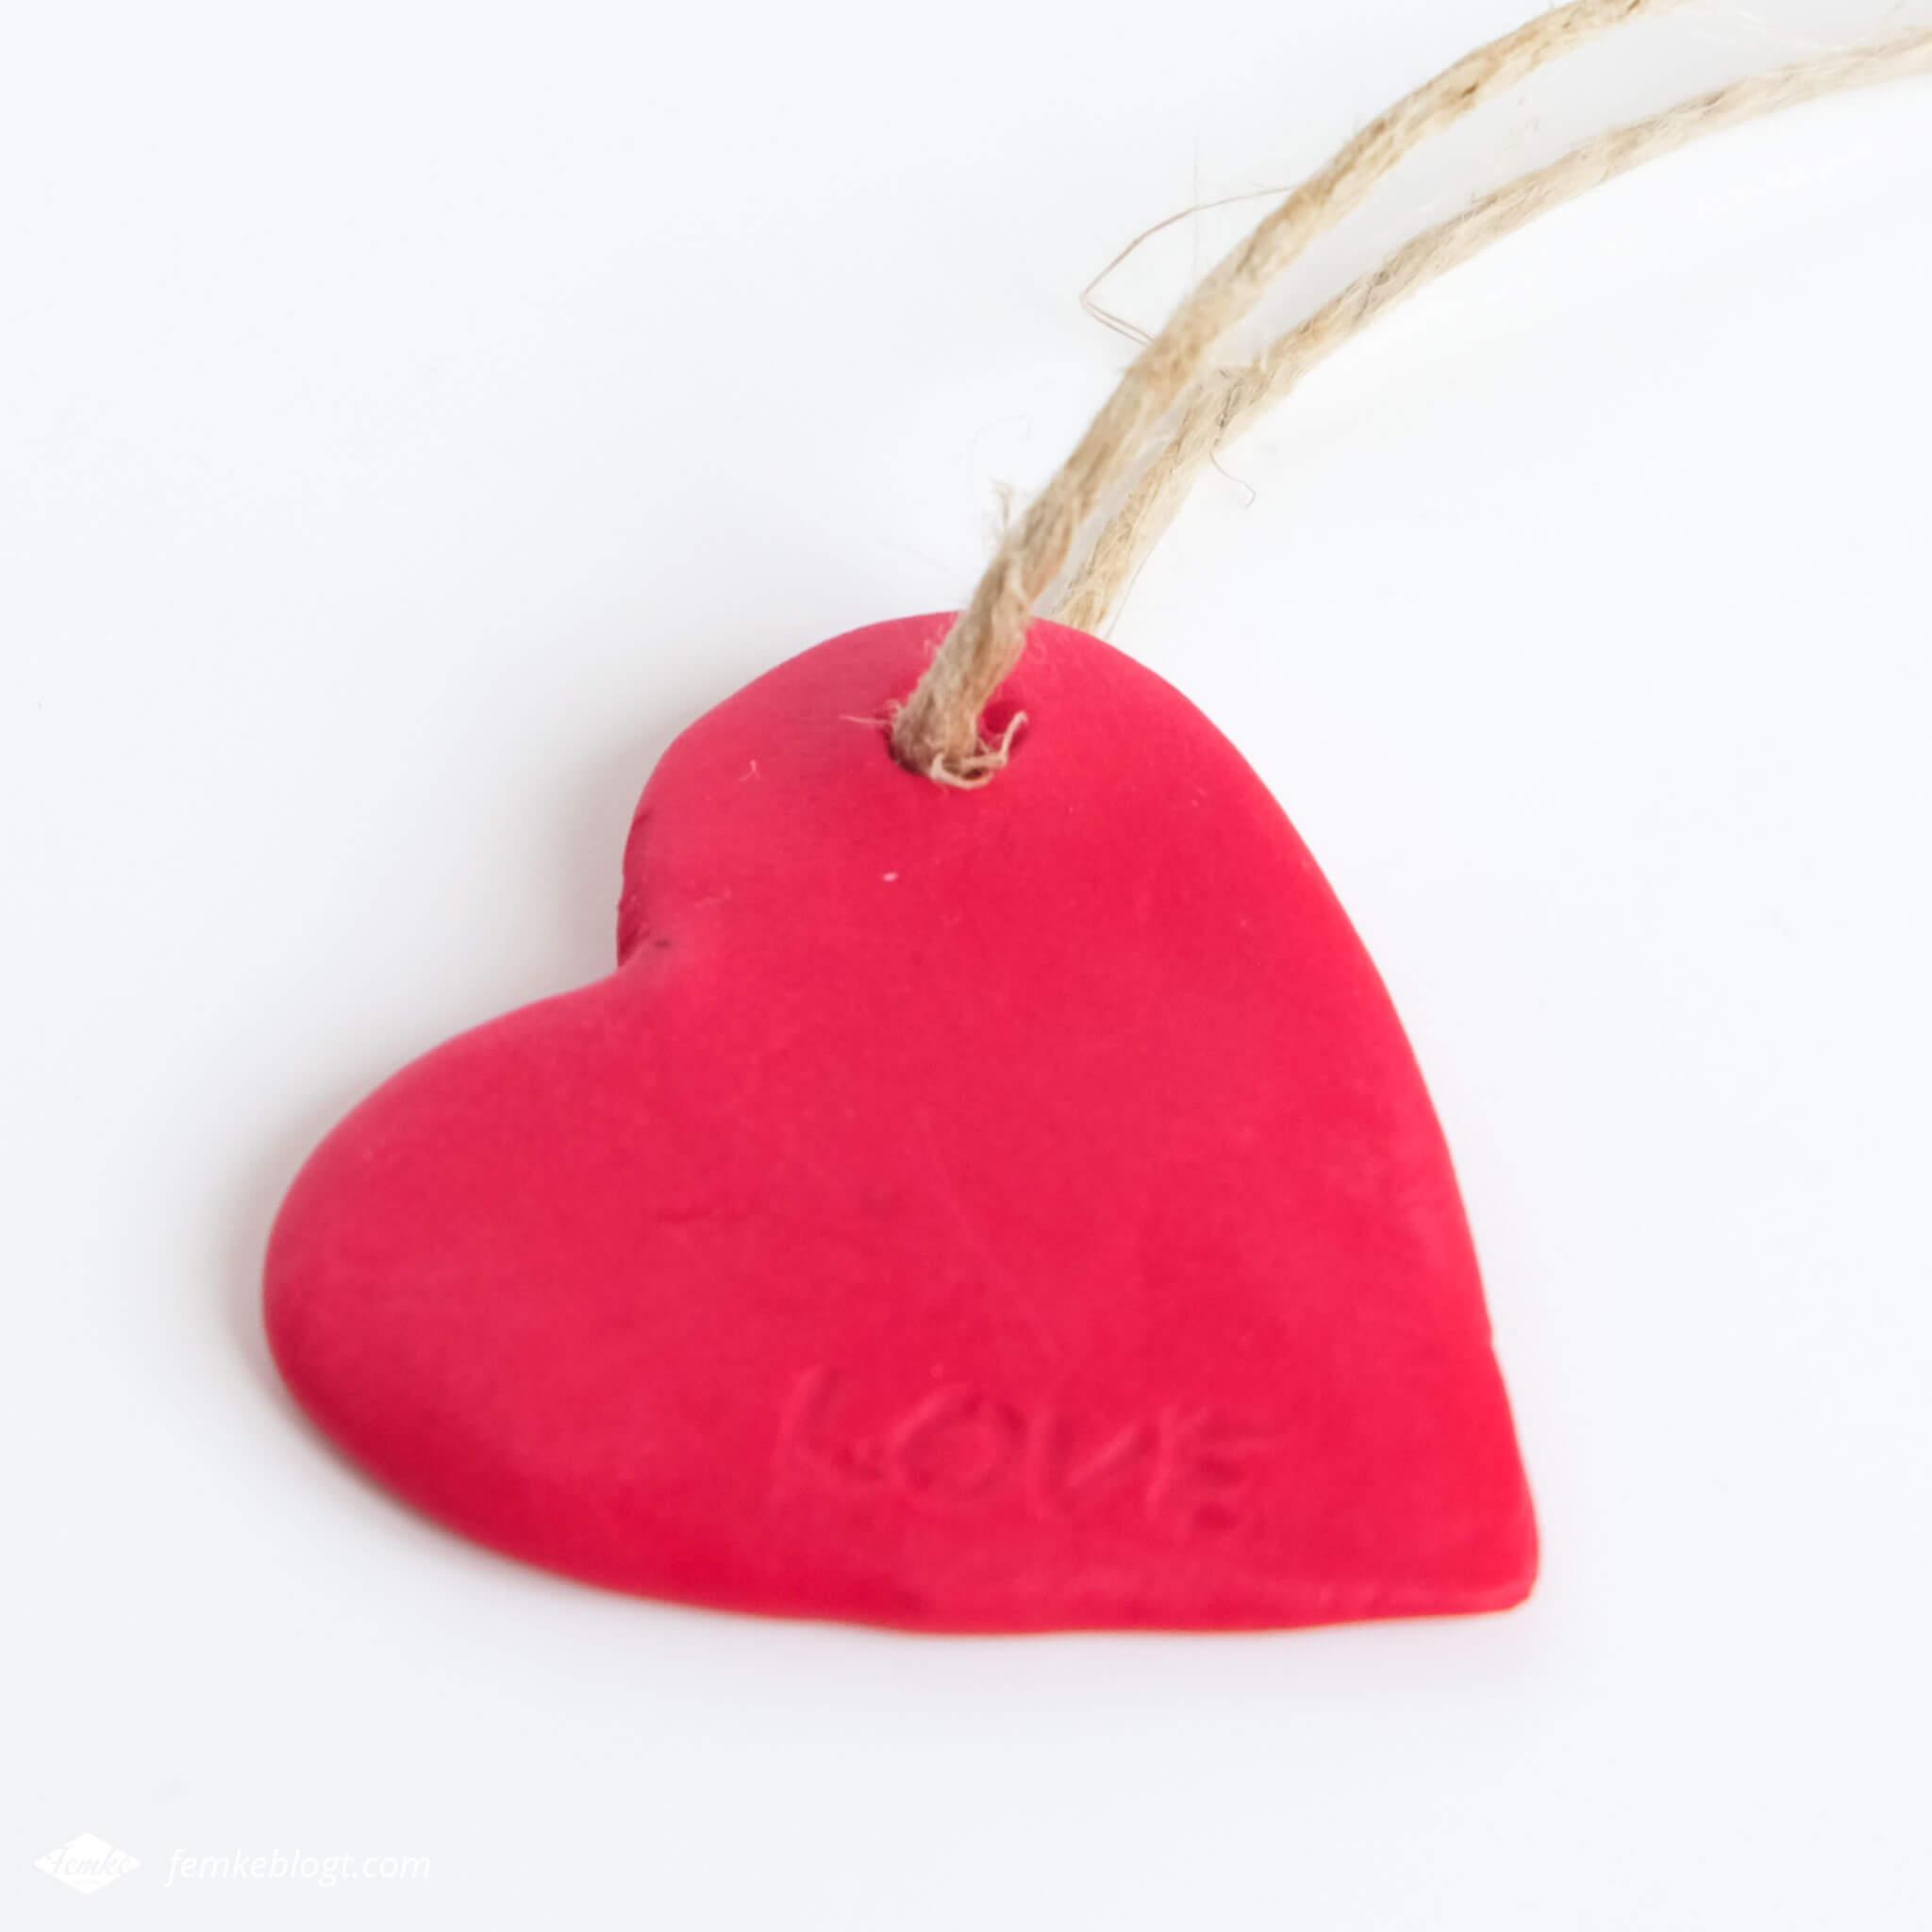 DIY valentijnshartjes van FIMO klei | Maak een sleutelhanger van FIMO klei met persoonlijke tekst voor je lover op Valentijnsdag